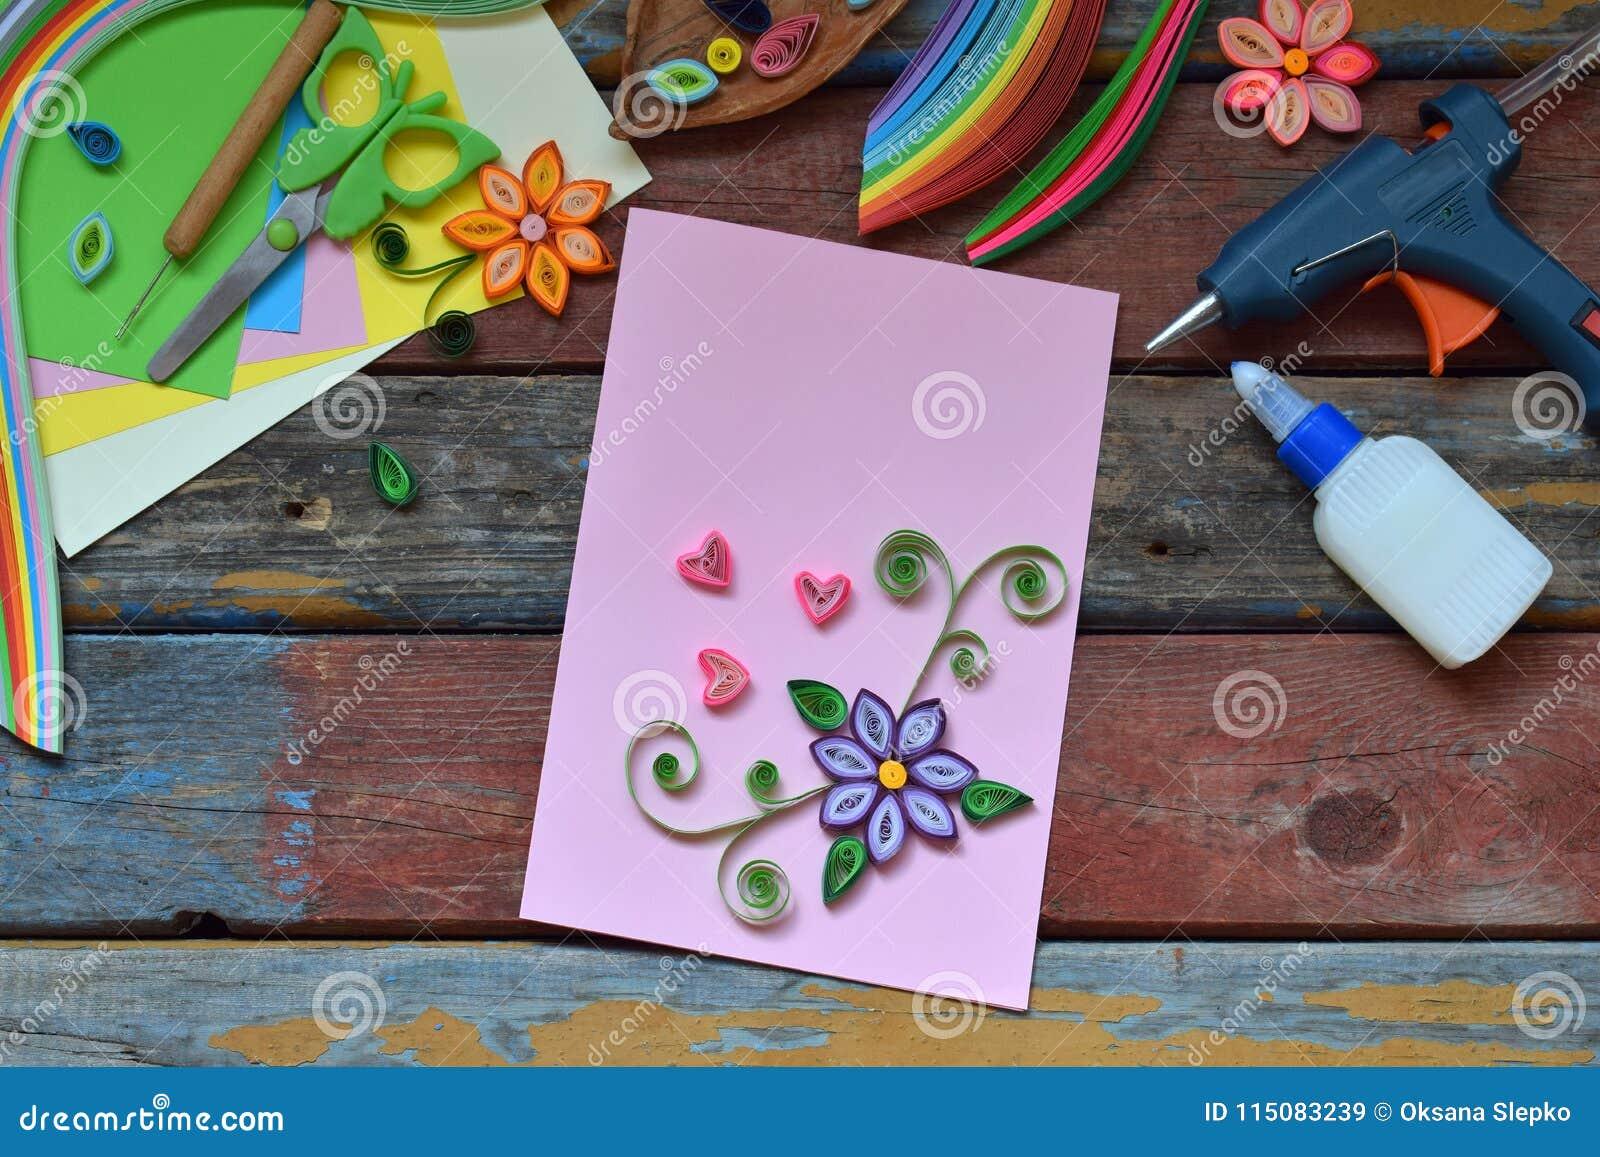 Technique De Quilling Bandes De Papier Fleurs Ciseaux éléments